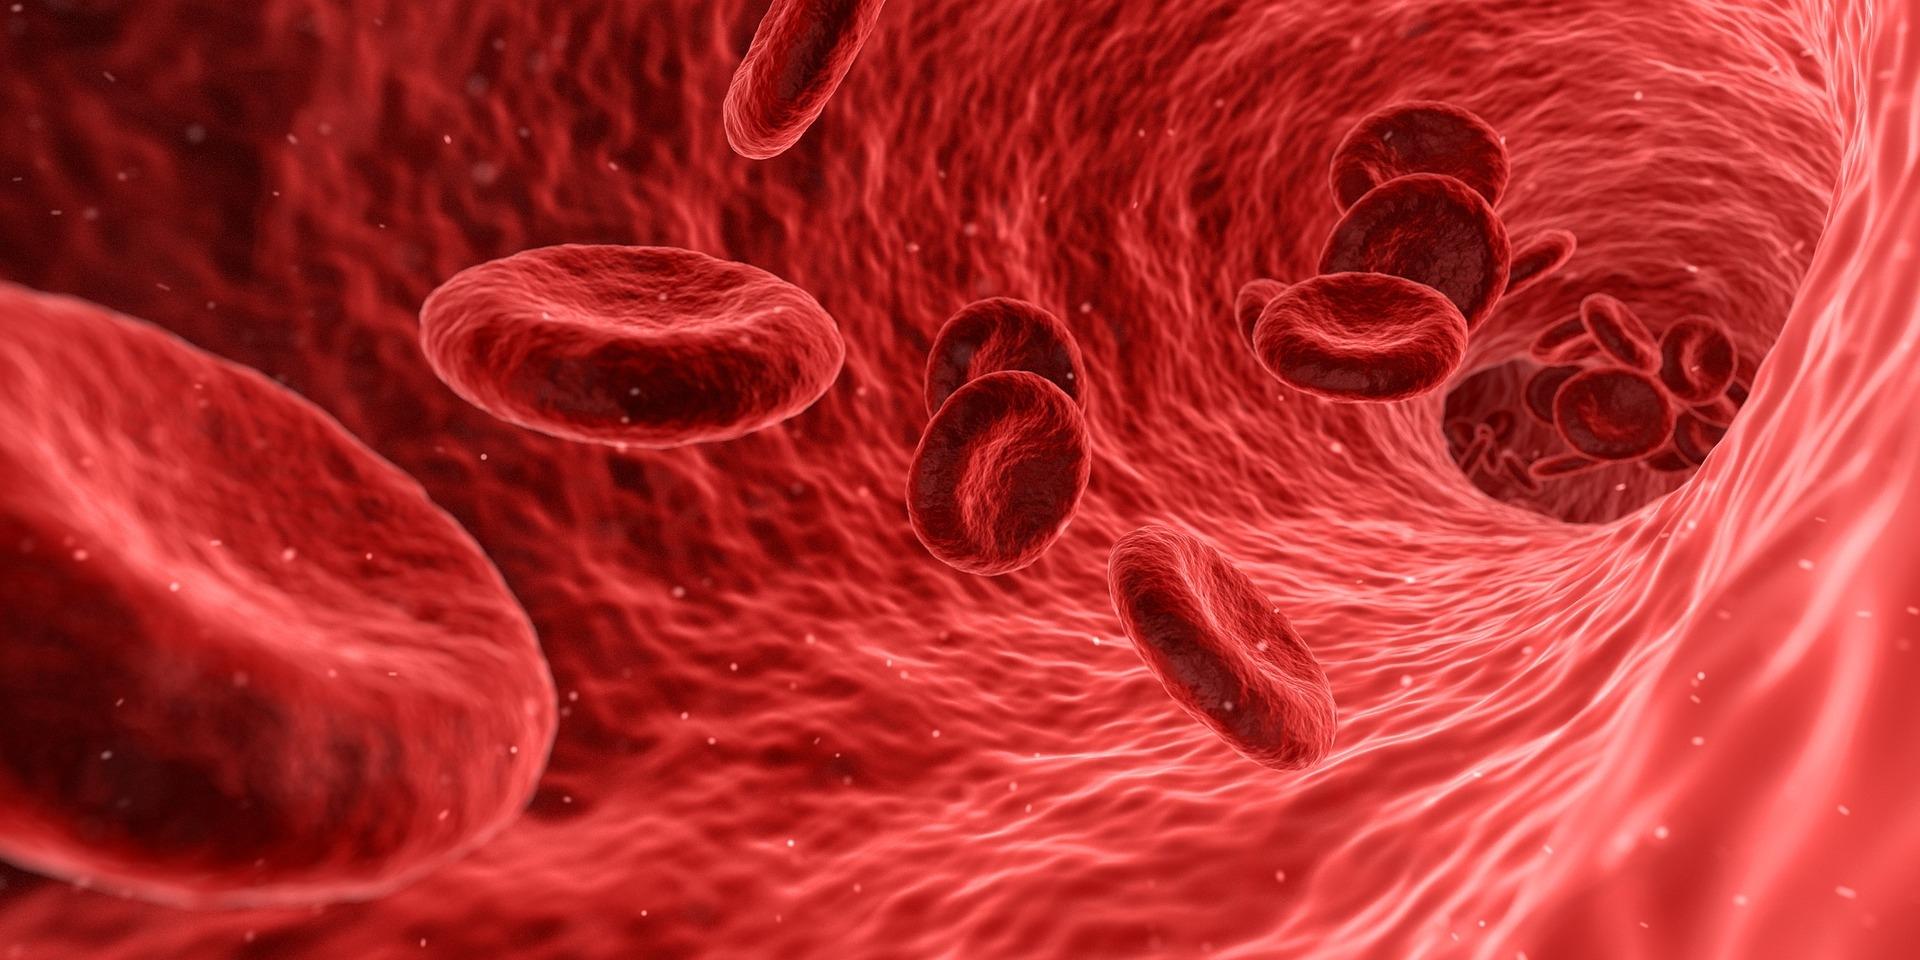 papilloma virus colposcopia positiva anemie 2 ani